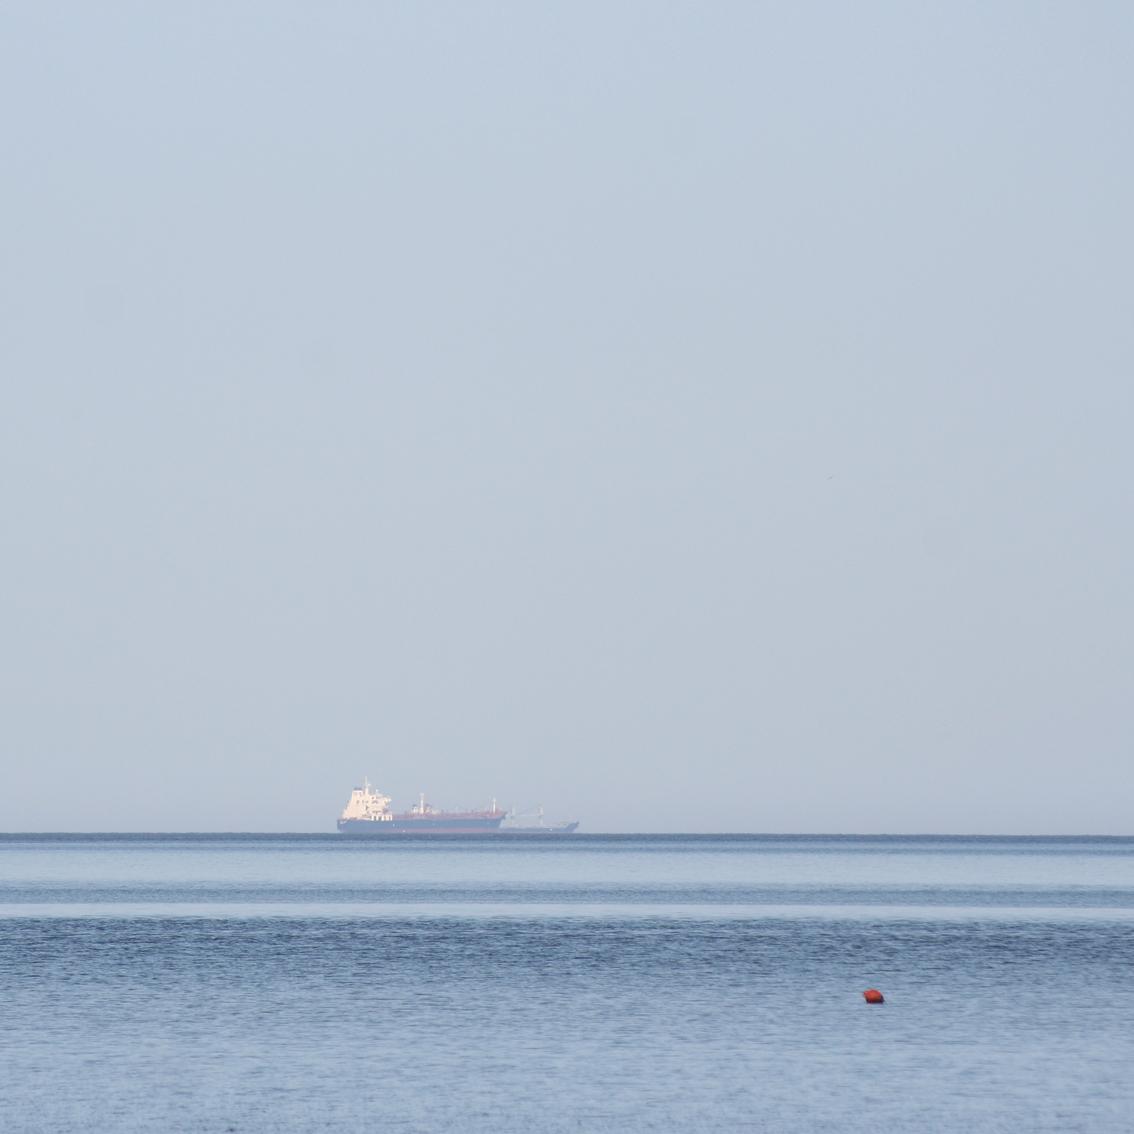 Kamēr mēs ēdām, tālumā kuģītis un viena sarkana boja kā signālpunkts. Nē, kā milzu dzērvene.